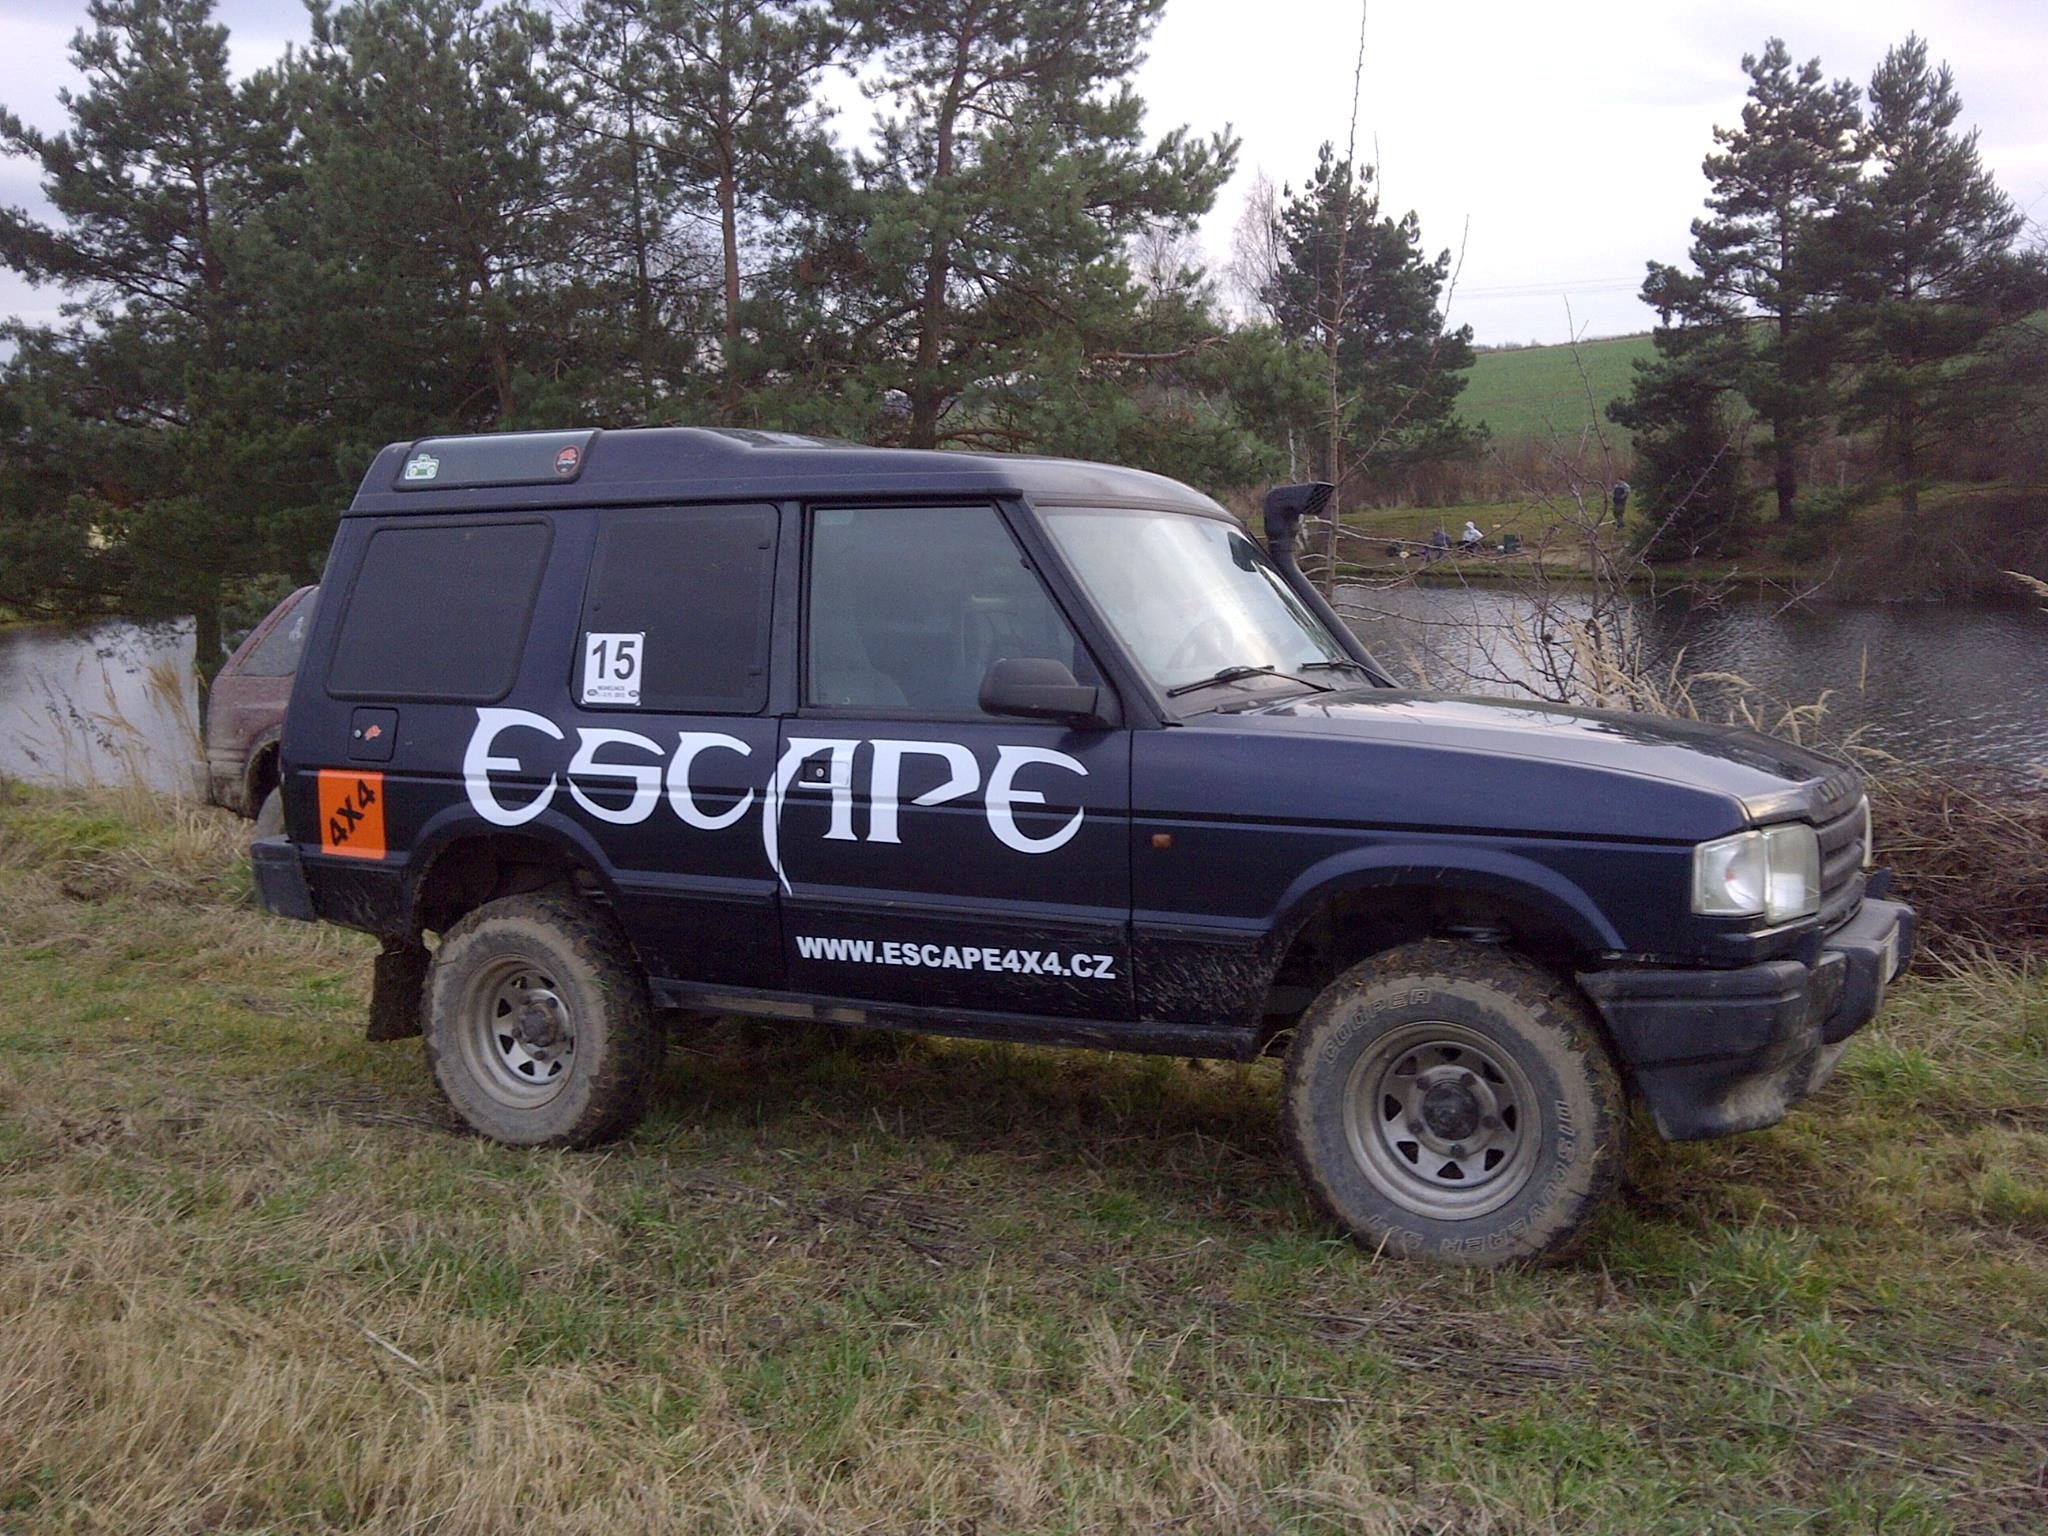 Discovery Escape4x4